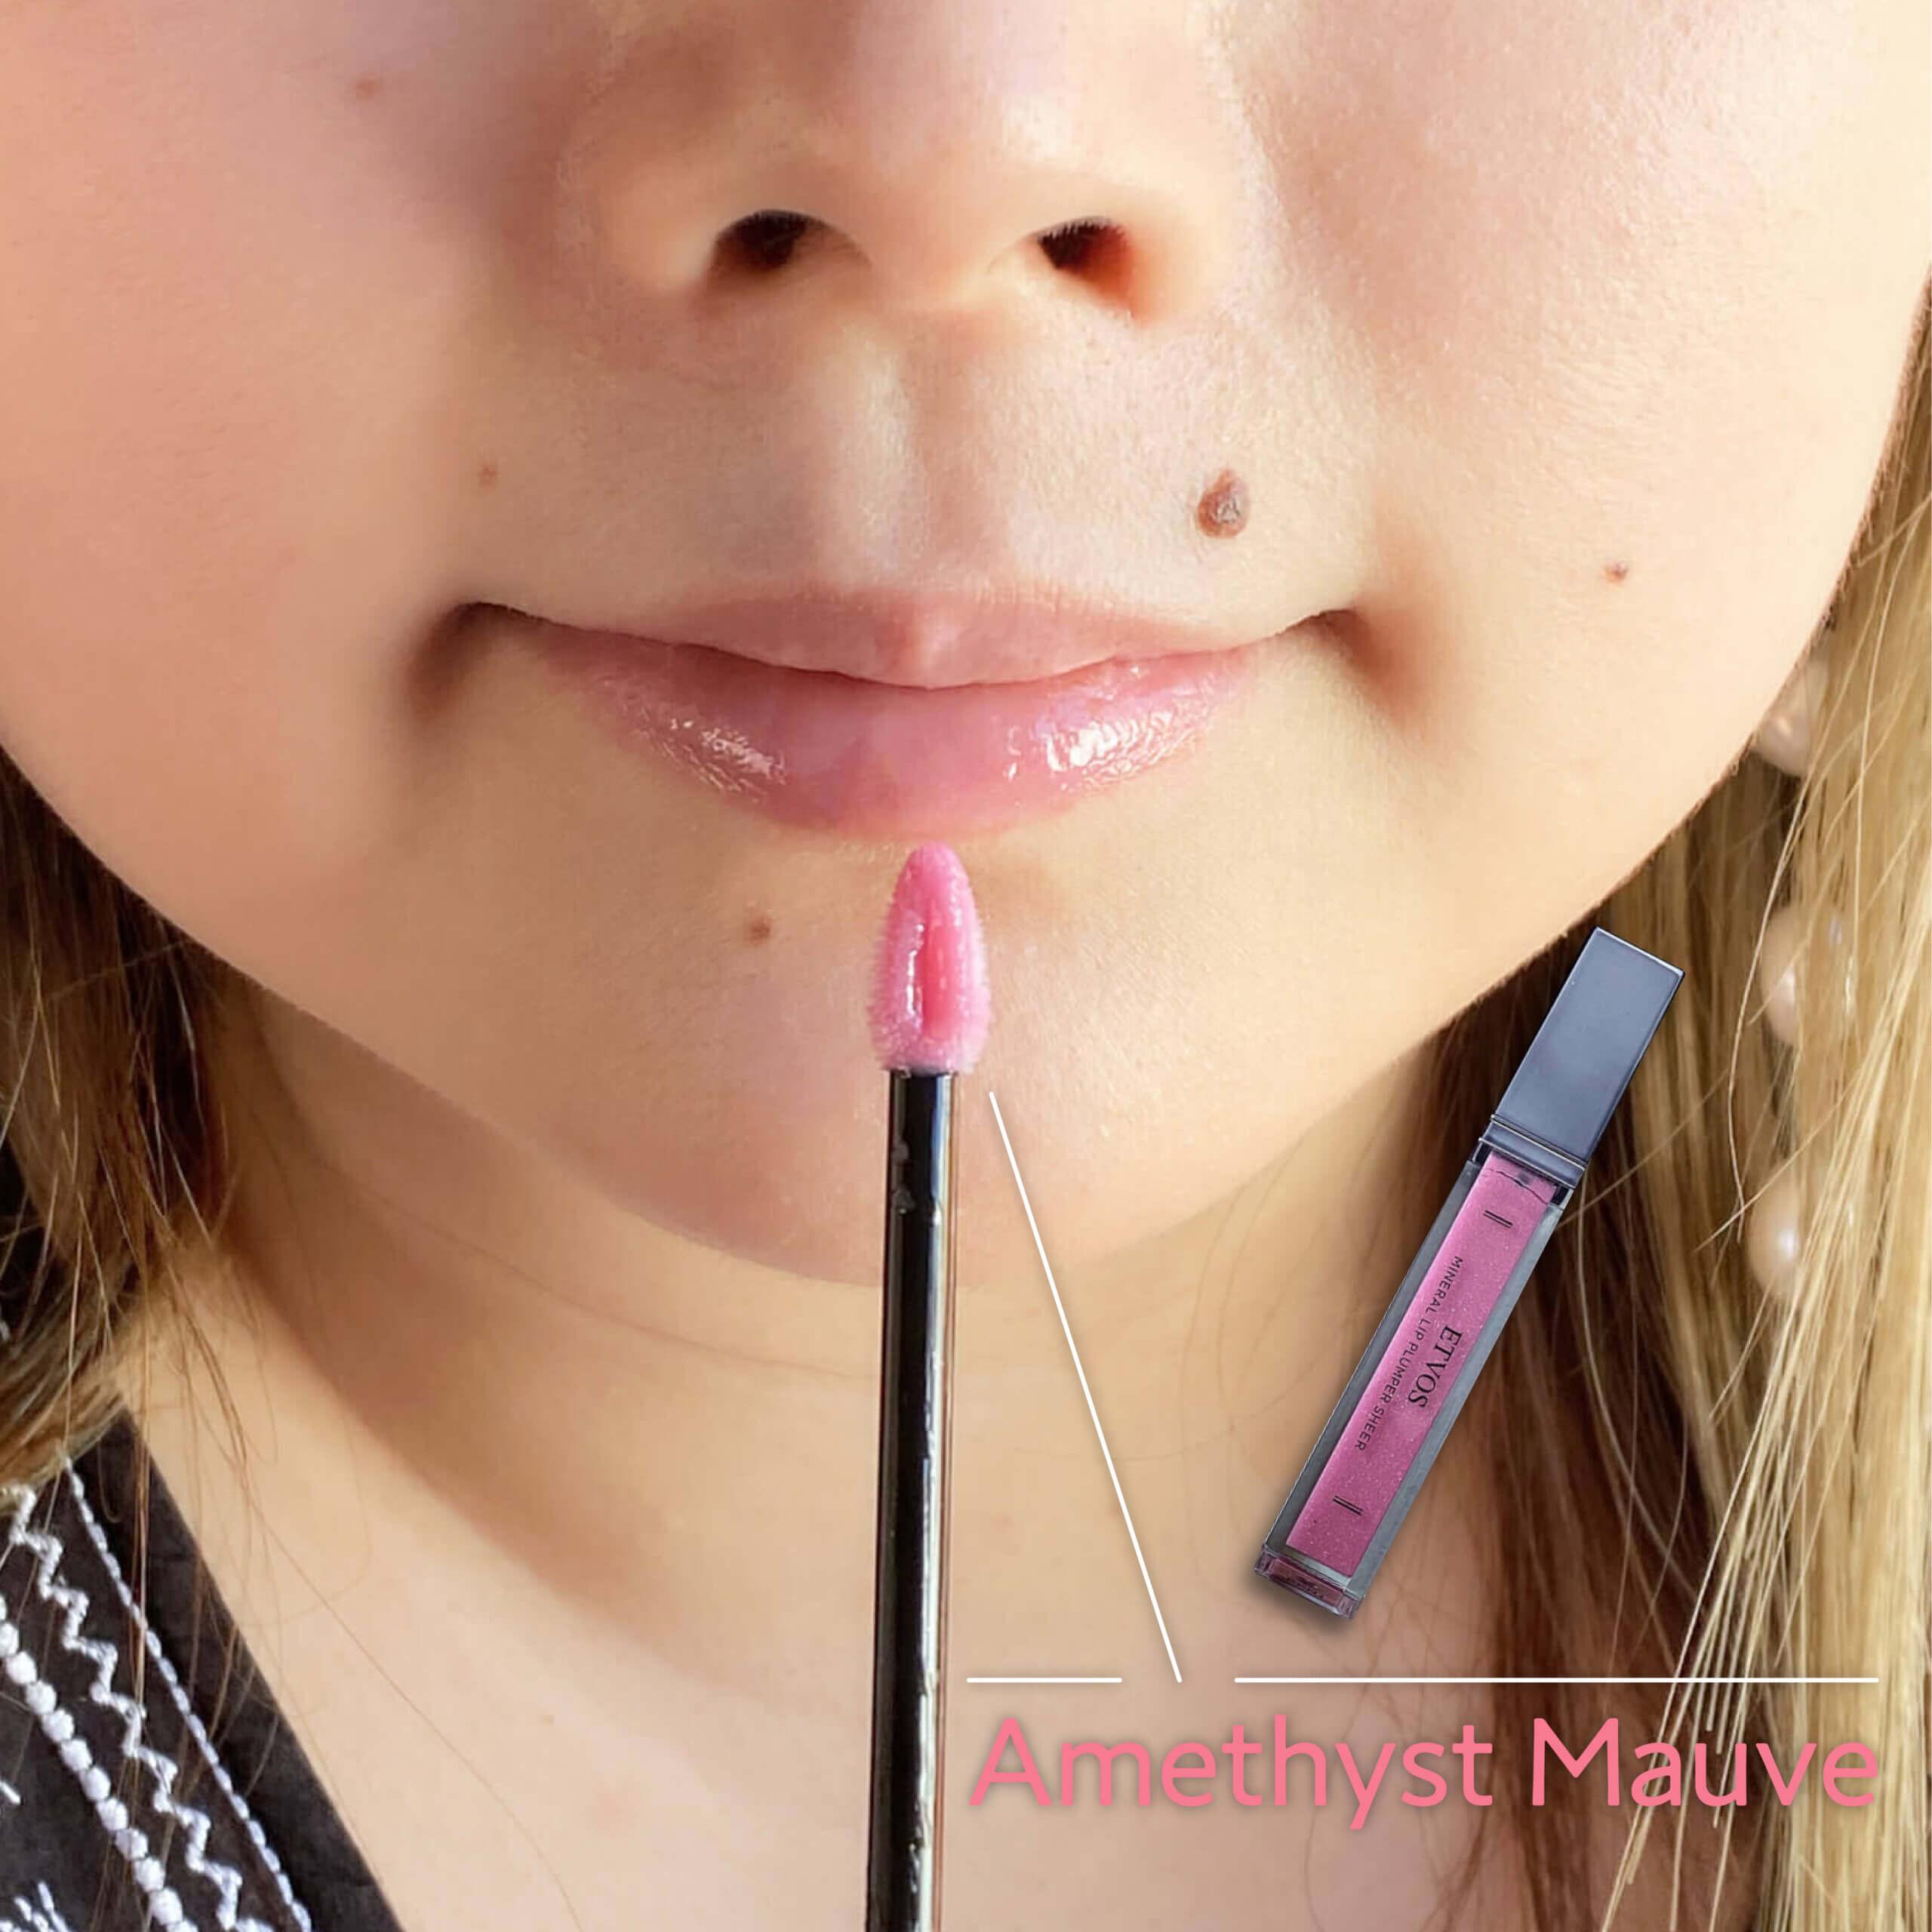 ほんのり色づくラベンダーカラー。素の唇にのせると、パープルっぽいシアーなピンク色のぷっくり唇に。手持ちのピンクリップの上に重ねて使ってもよさそう♪